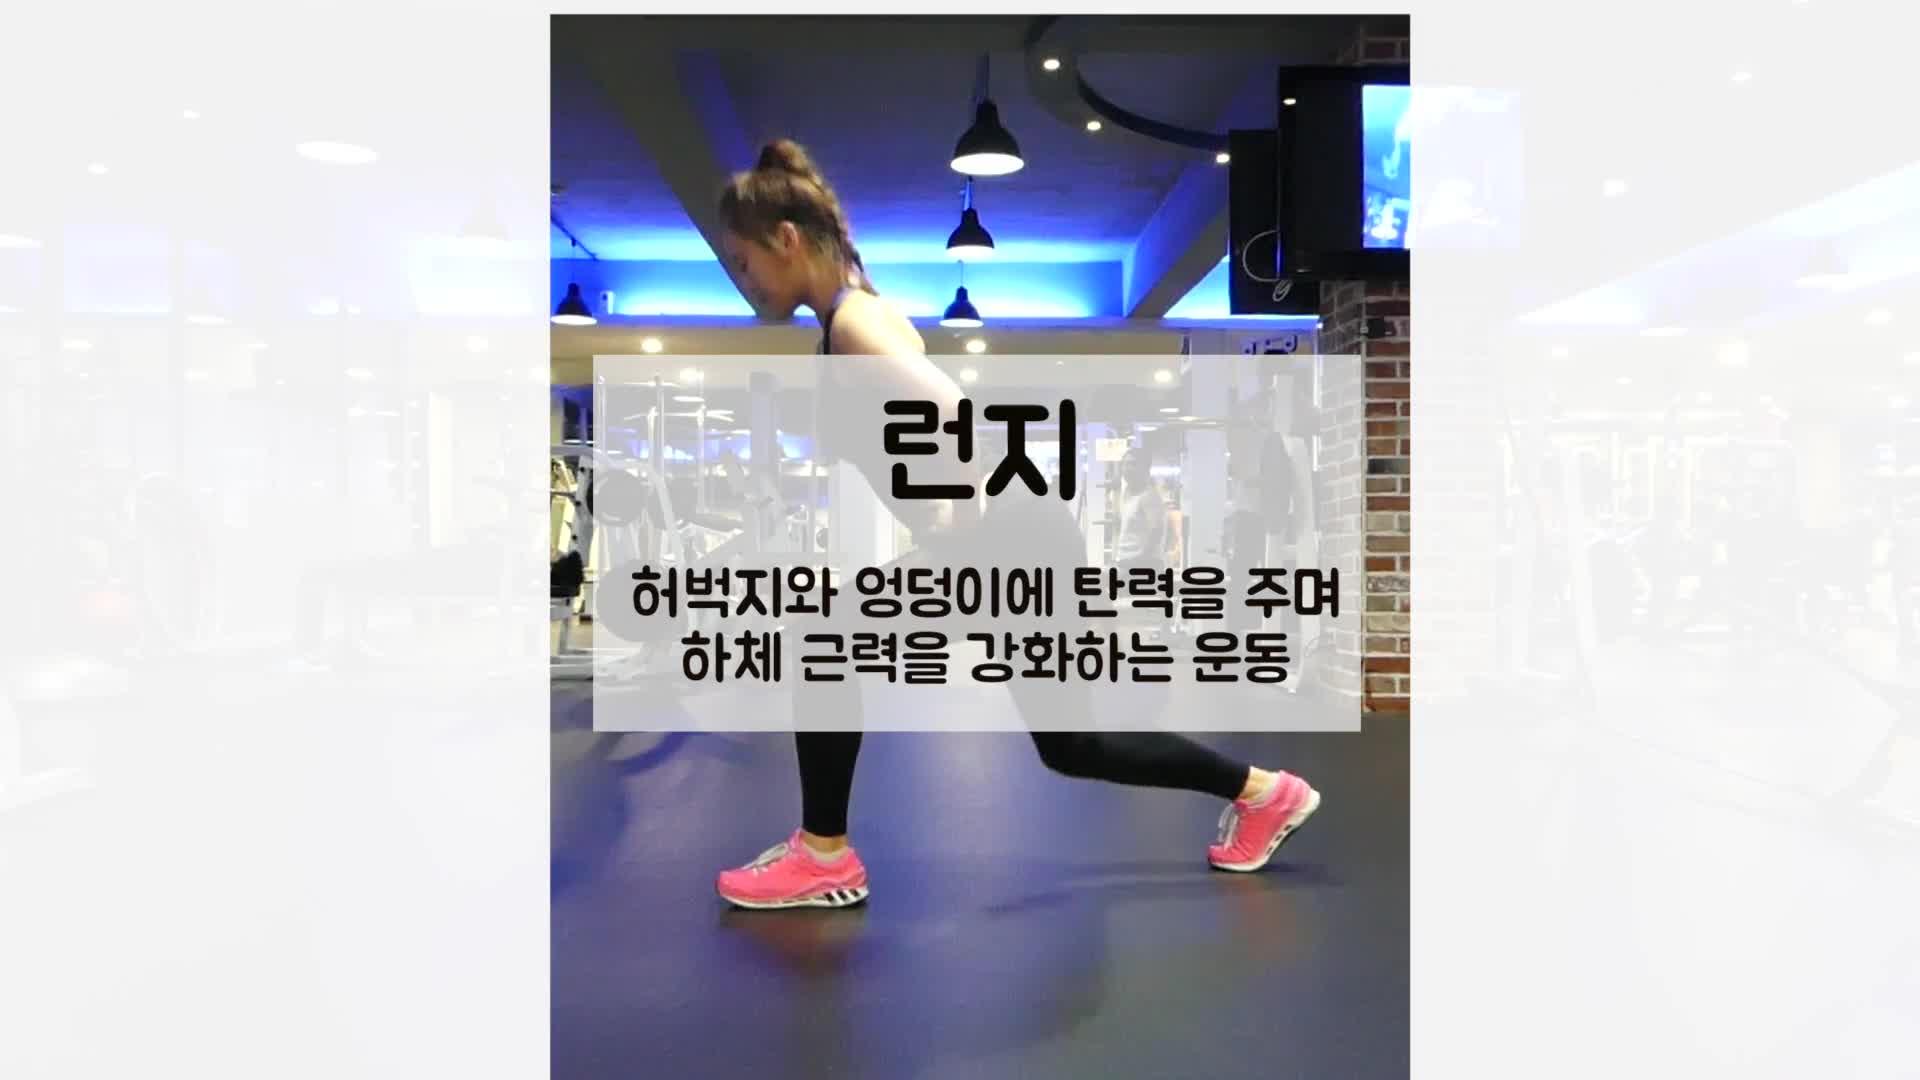 [1분] 힙업 운동 2편 / 엠마가 리얼 200% 효과본 엉짱되는 운동!